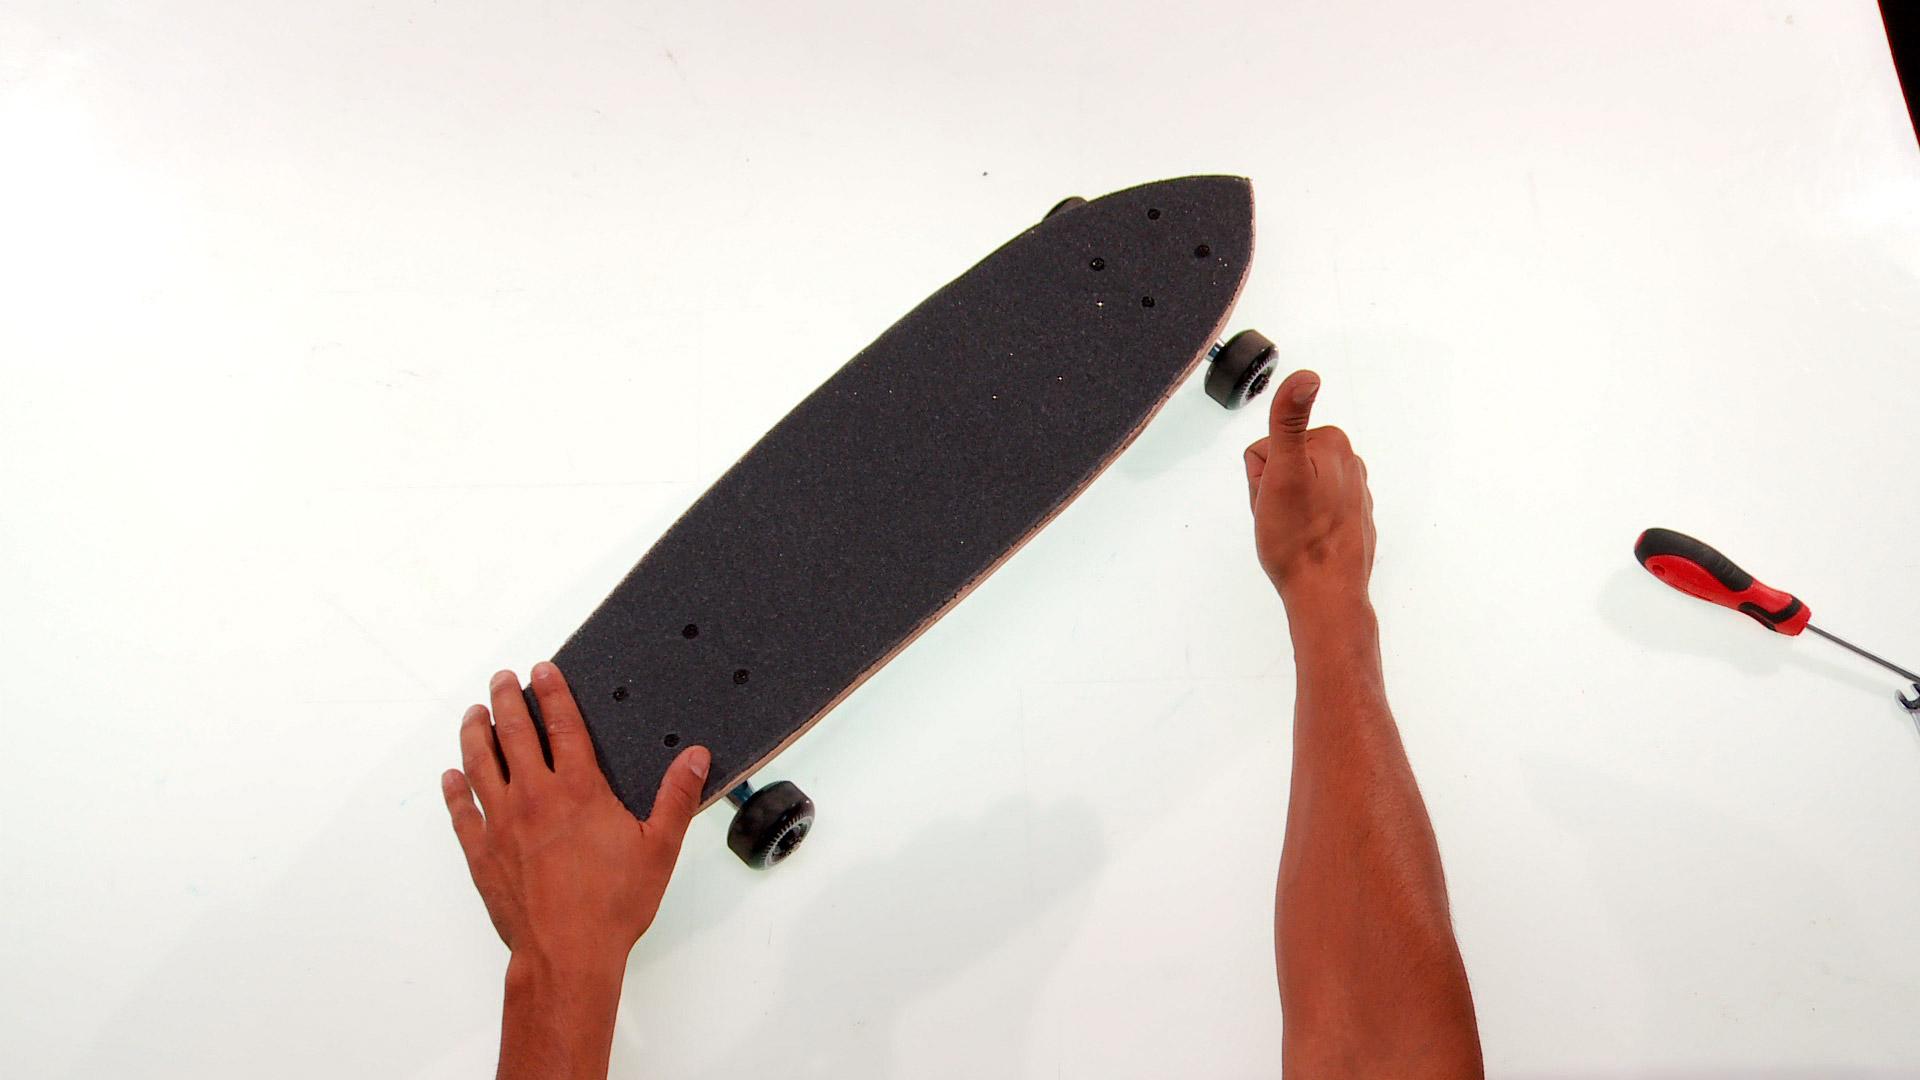 A comienzos de la década de 1940 nace el skatebording como sustituto en tierra del surf. Partiendo con unas ruedas de patines y una tabla, esta variación del surfing cuenta con más de 40,5 millones de skaters en todo el mundo. ¿Quieres ser uno de ellos? Aquí enseñaremos cómo modificar una tabla grande y vieja para que tenga mayor maniobrabilidad y puedas hacer grandes trucos.   VER PLANTILLAS EN EL PDF